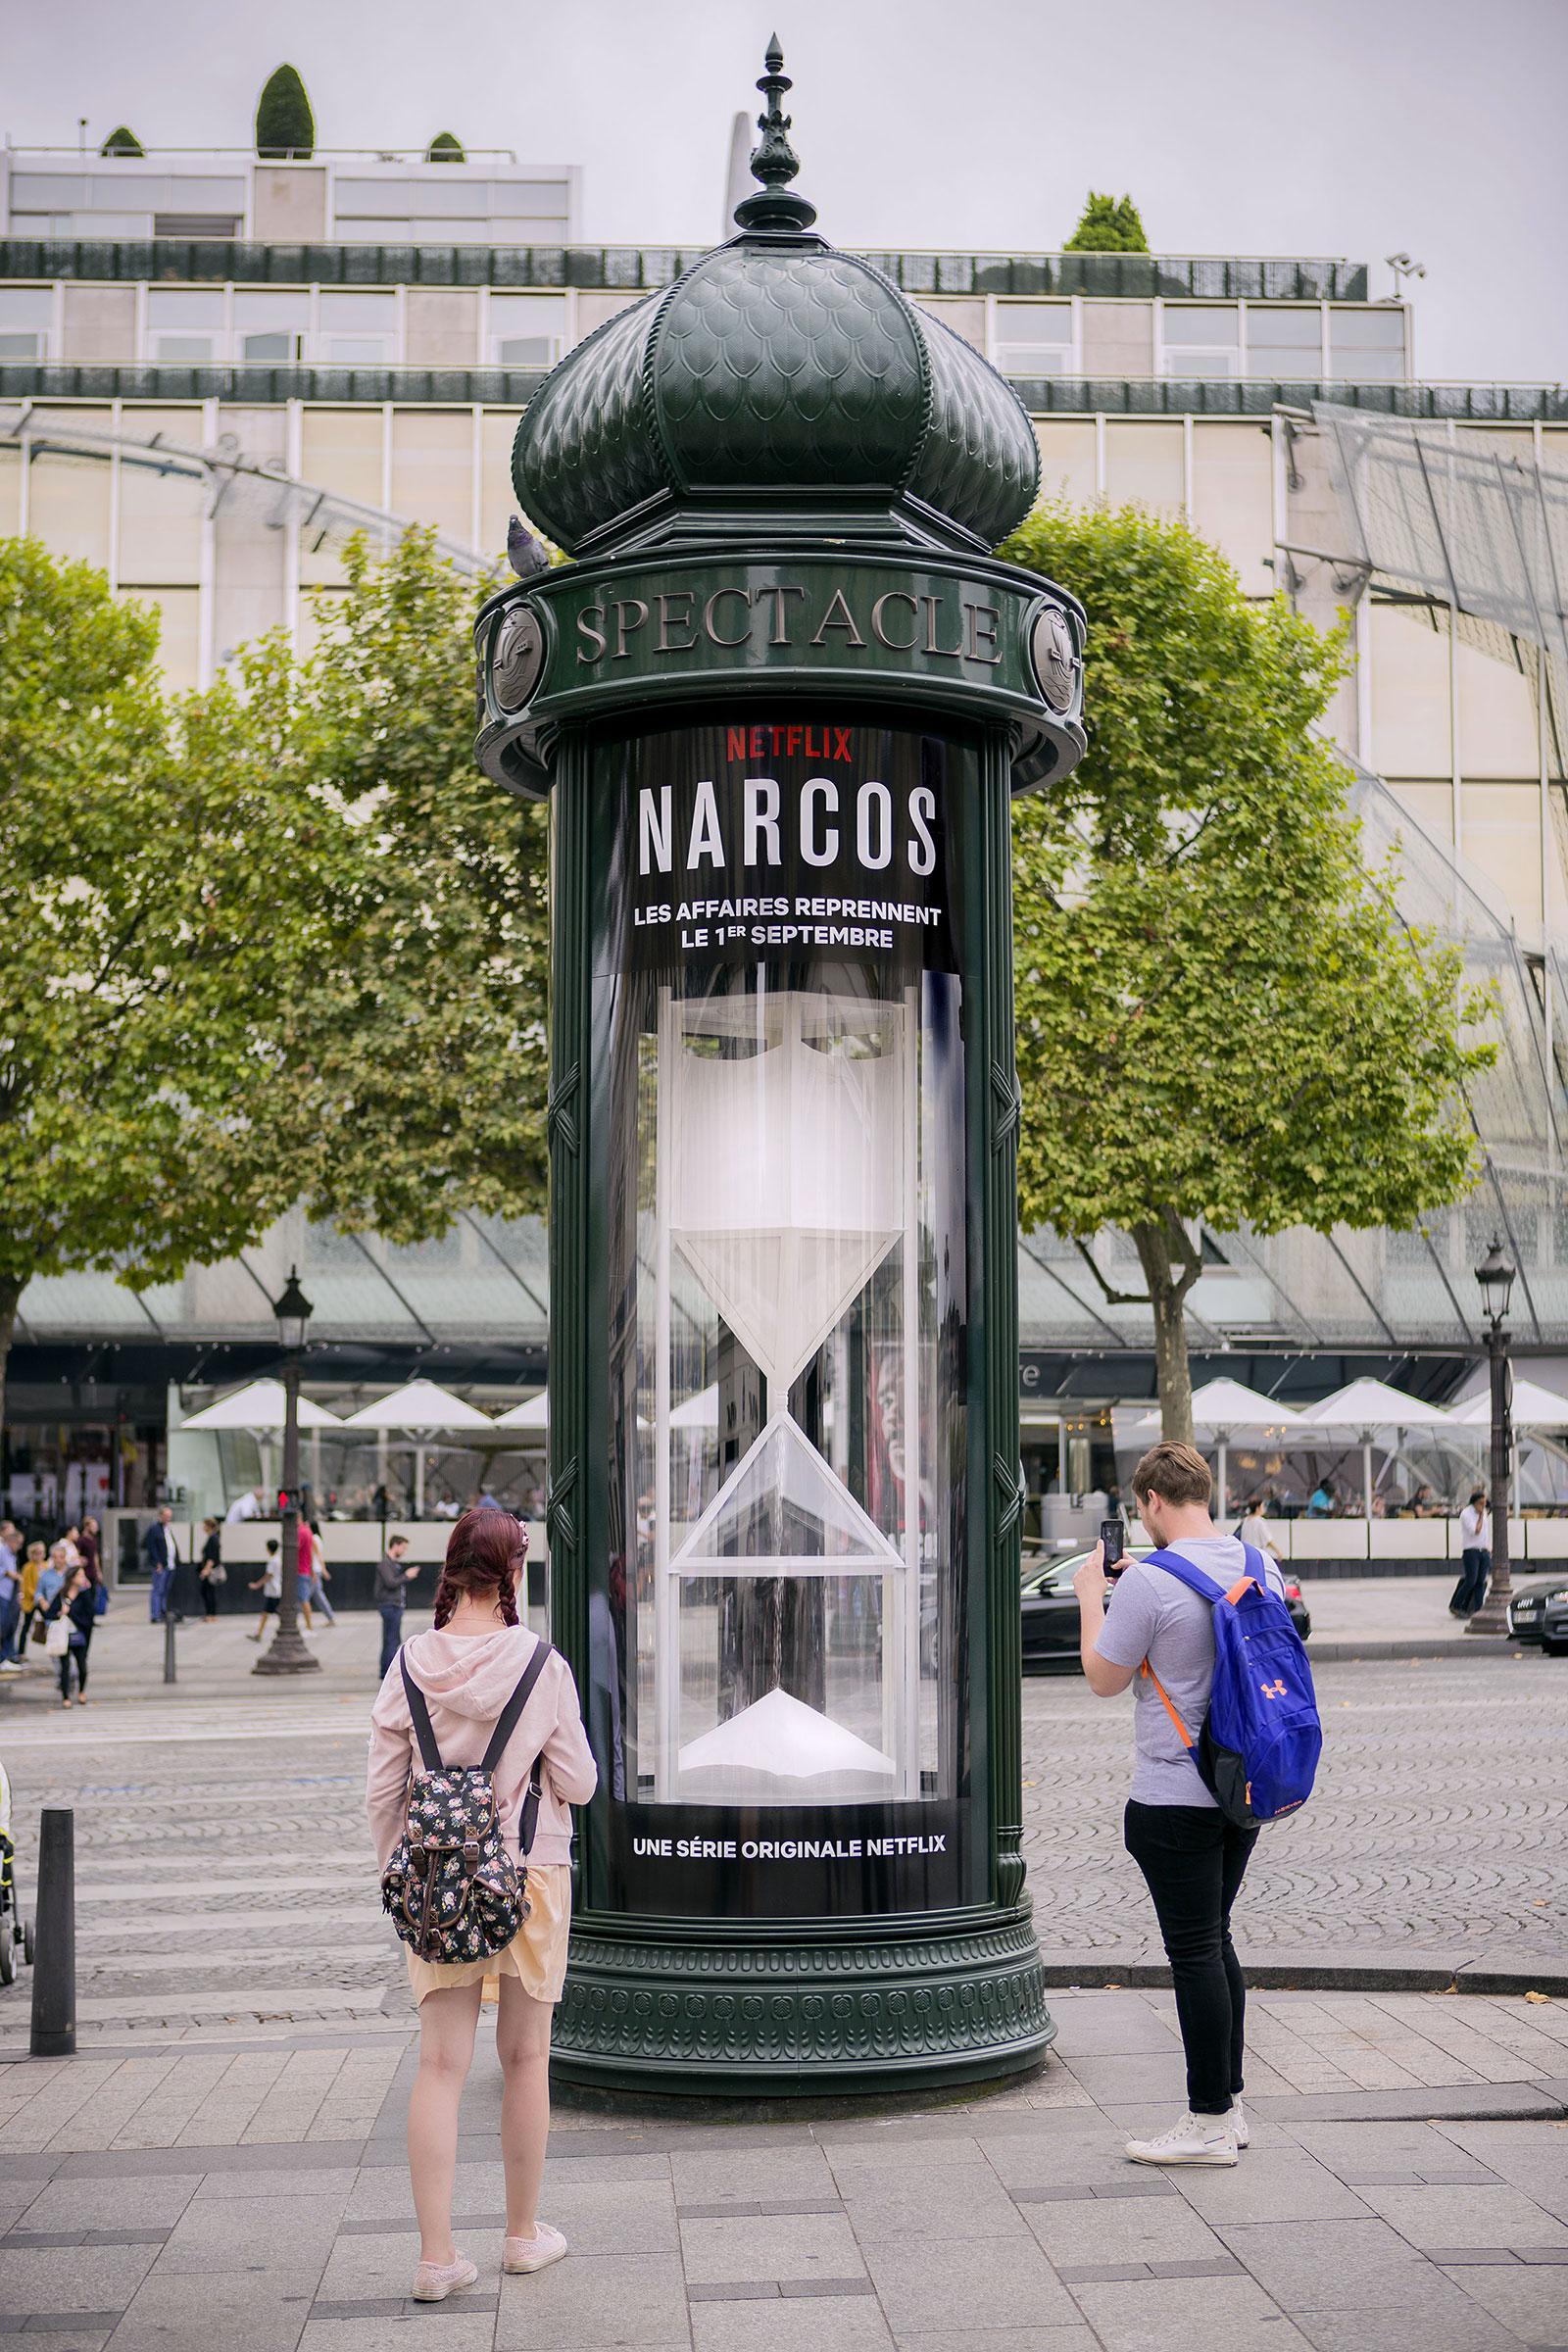 Un reloj de coca na gigante para la cuenta atr s de narcos en par s la criatura creativa - Reloj de pared gigante ...